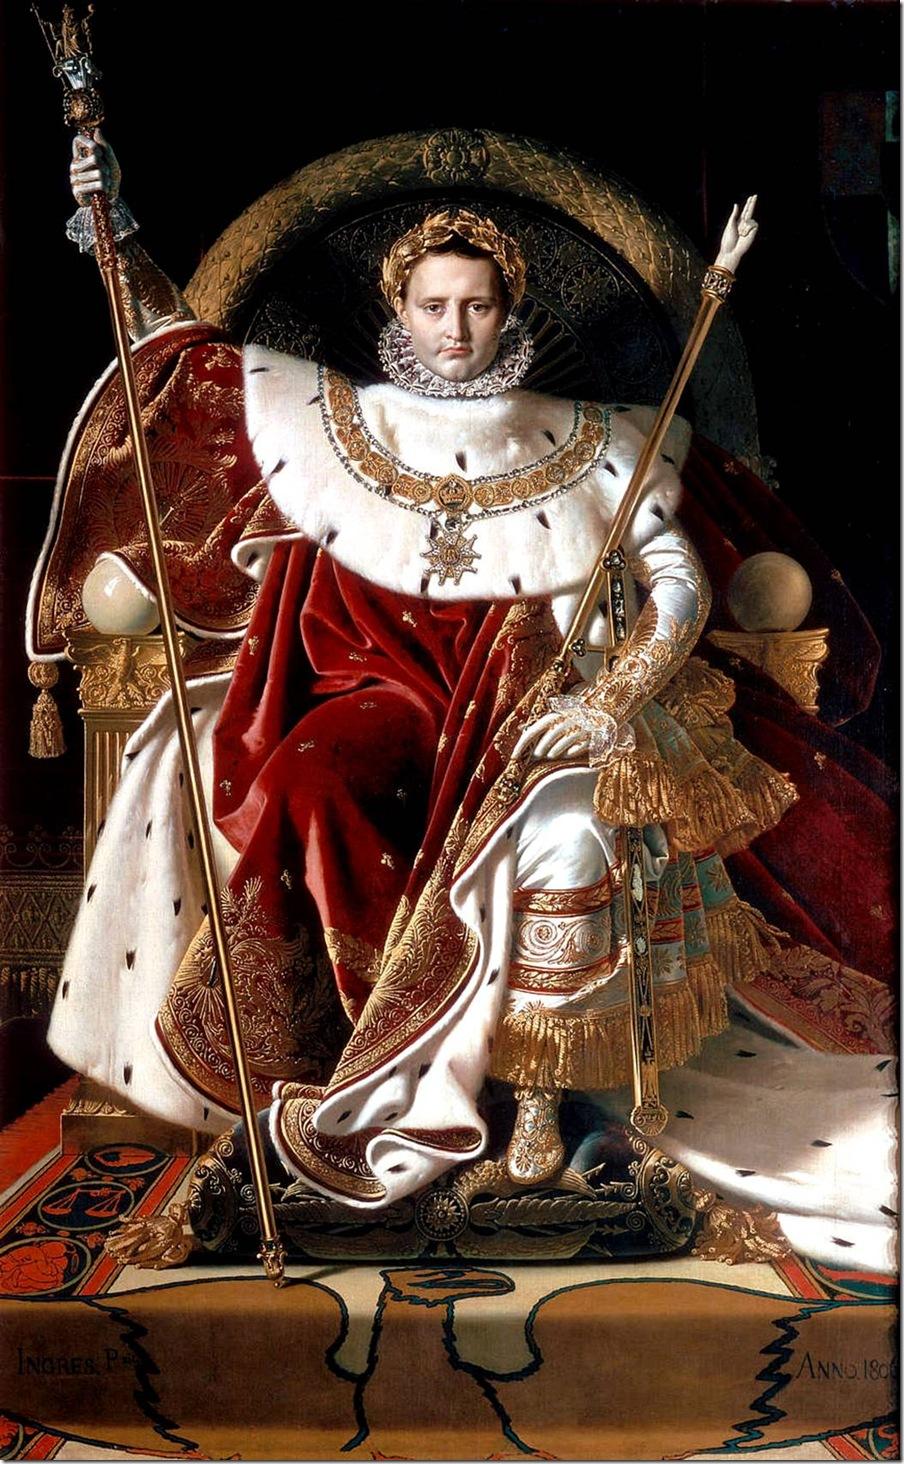 Наполеон на императорском троне 1806Жан Огюст Доминик Энгр – Jean Auguste Dominique Ingres,sahallin